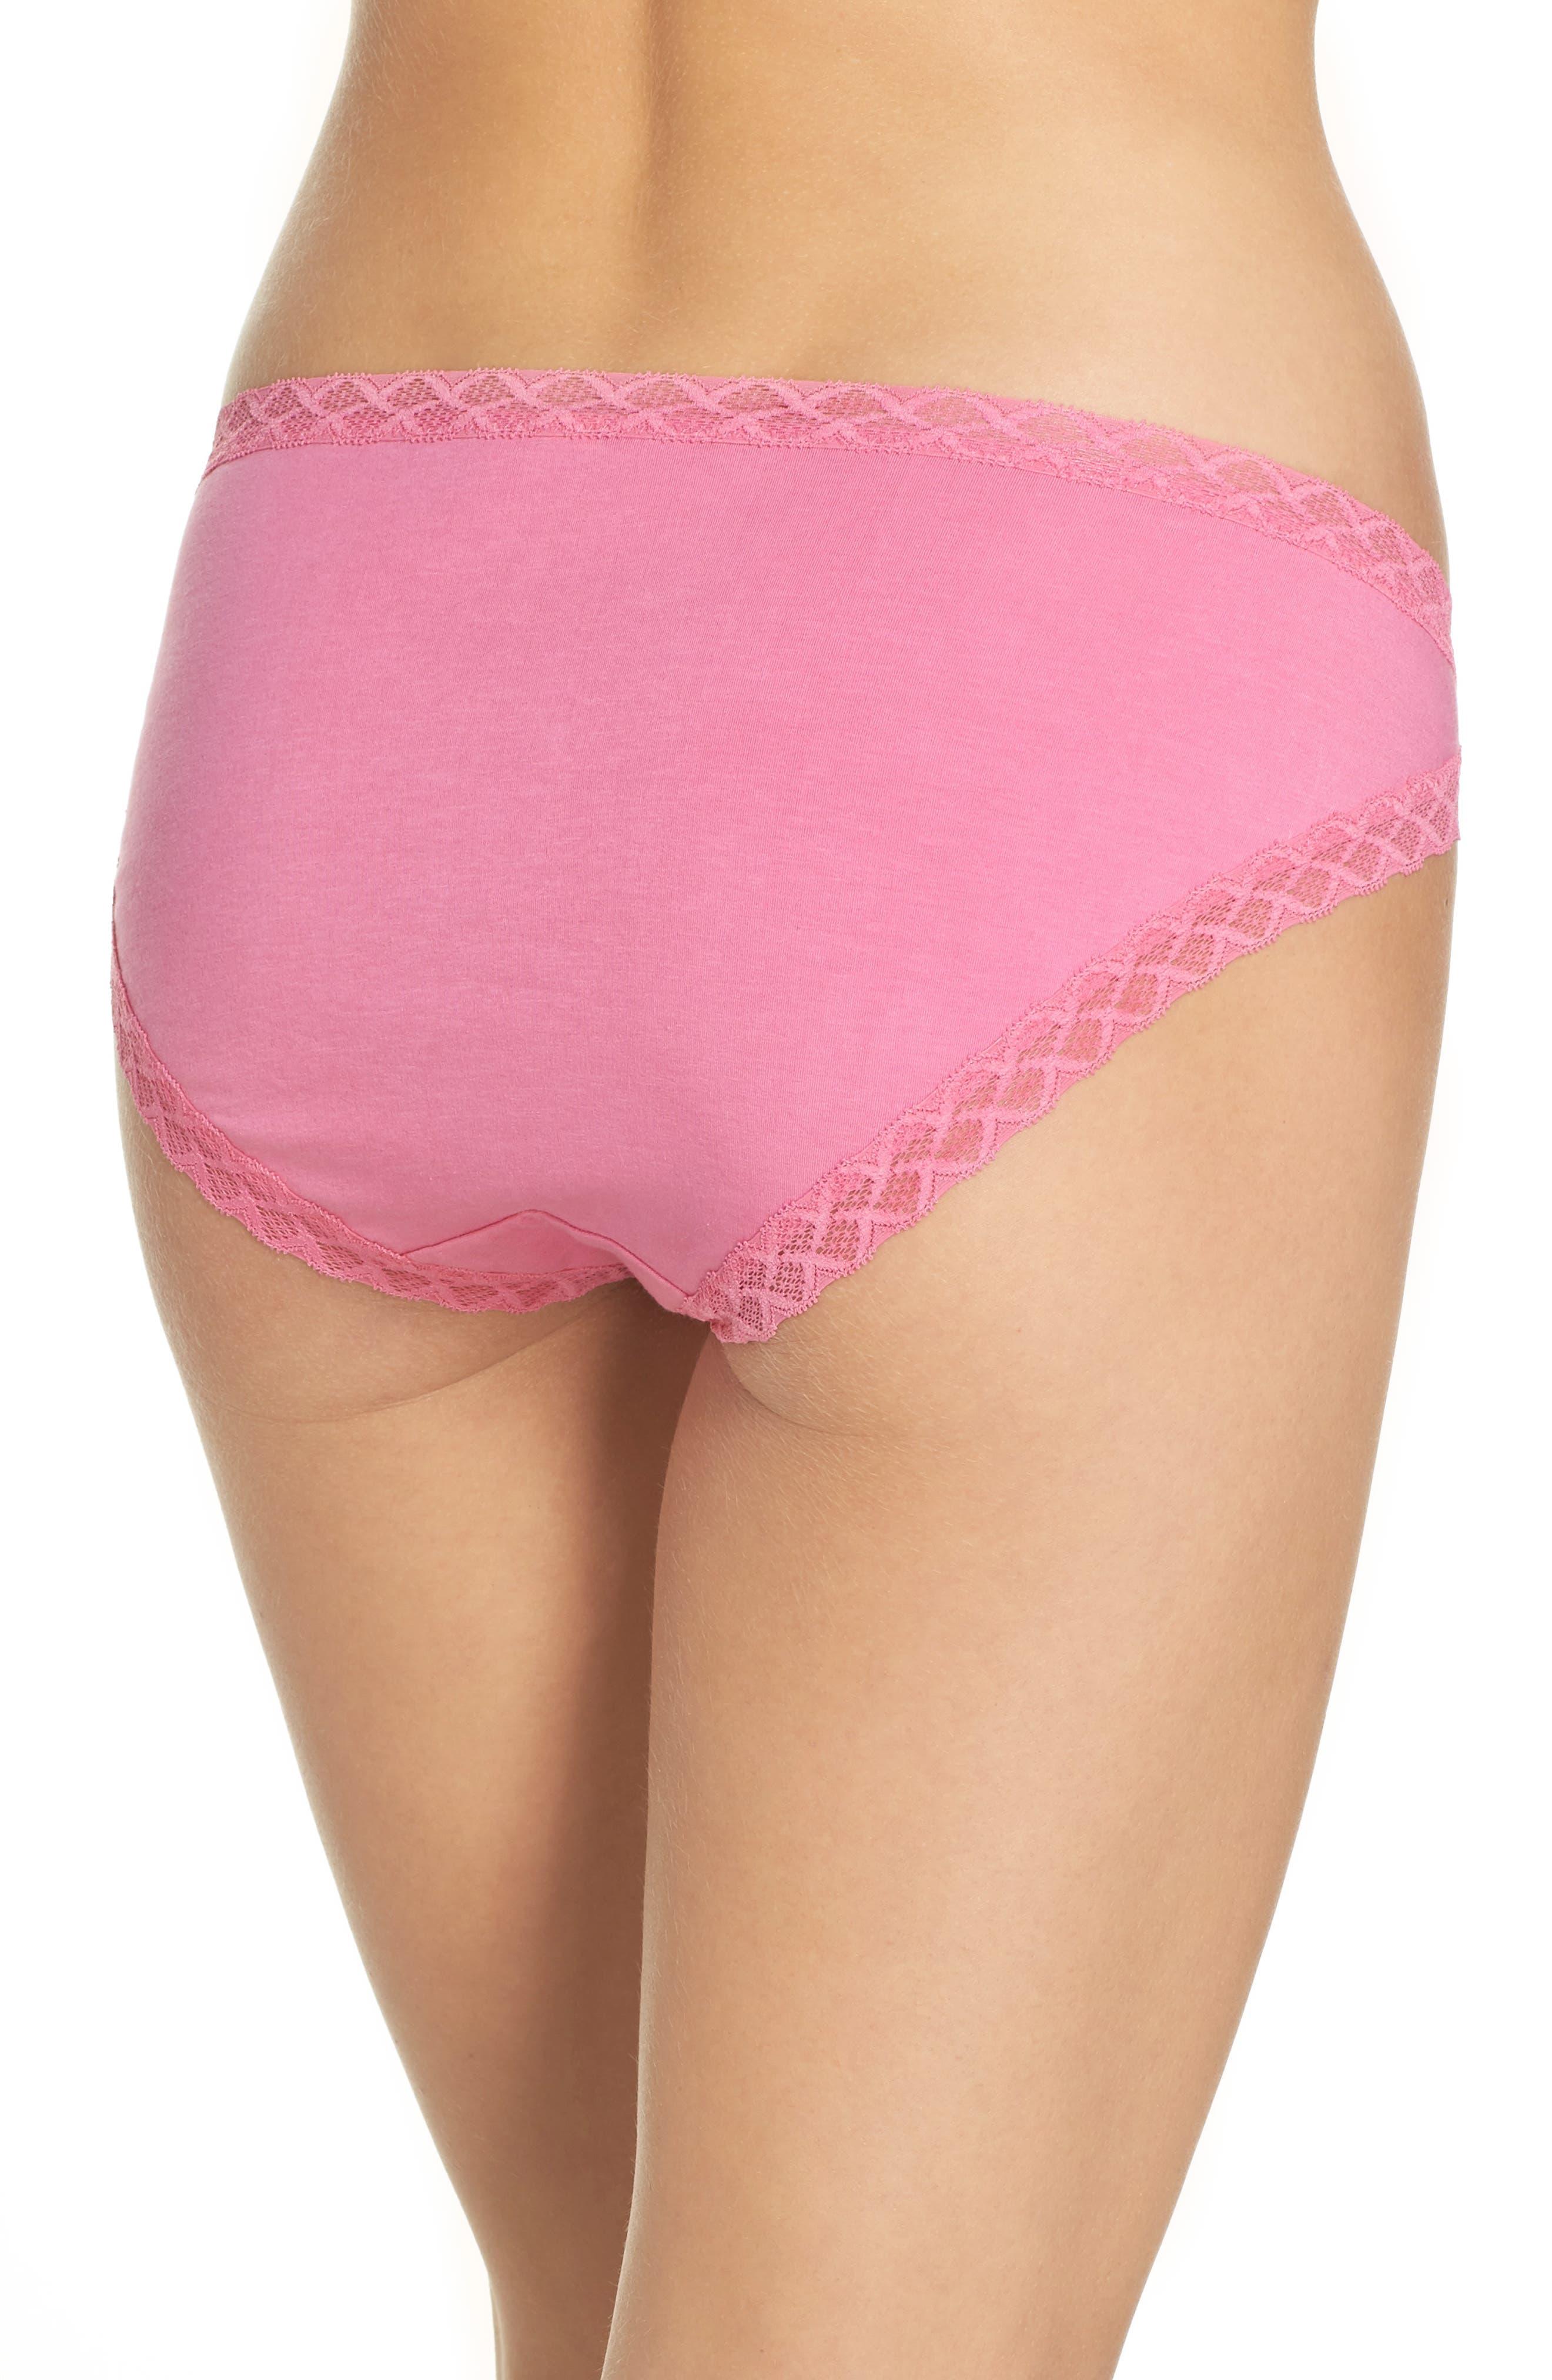 Alternate Image 2  - Natori Bliss Cotton Girl Briefs (3 for $45)